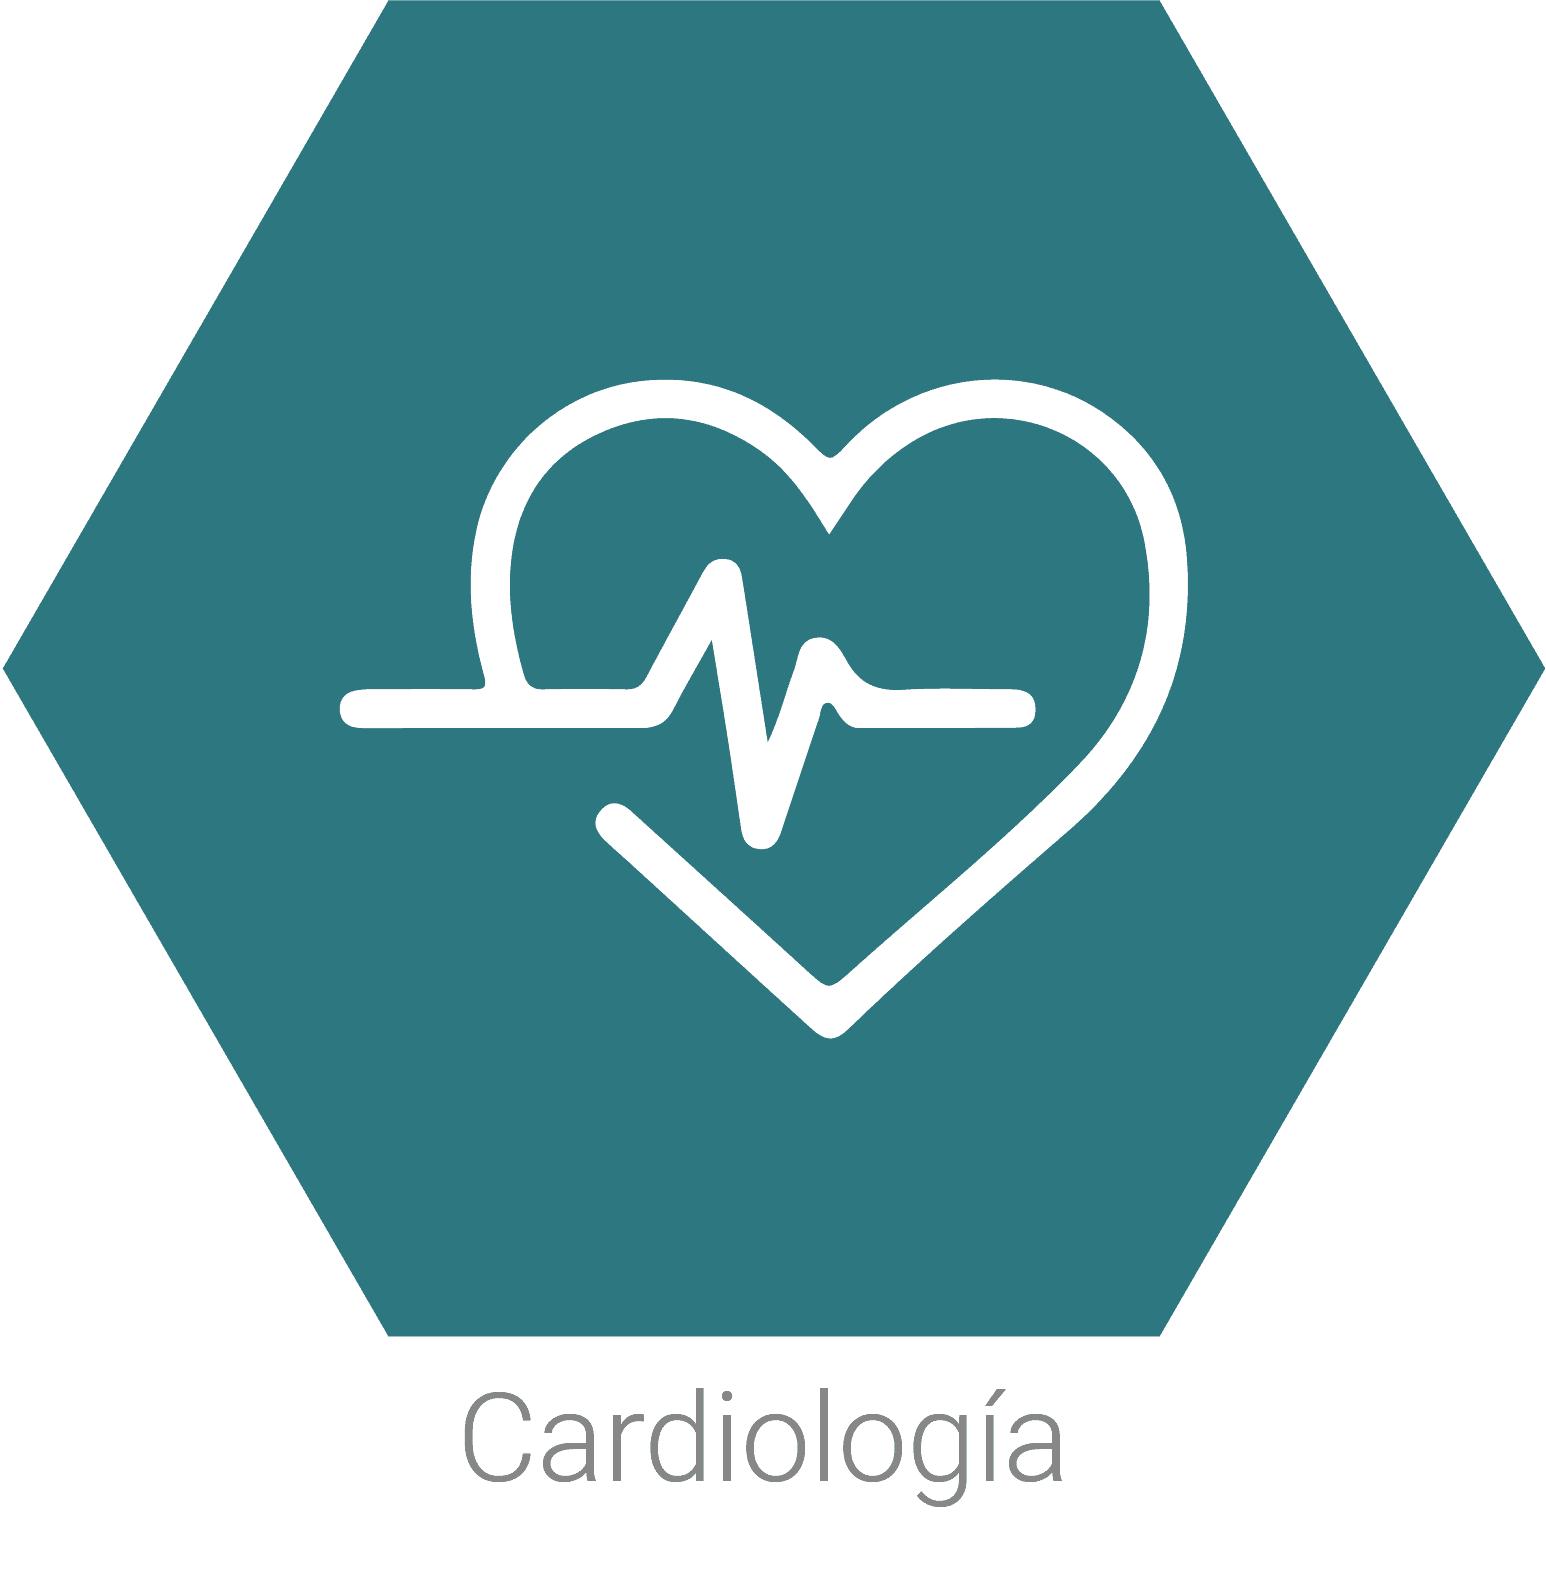 Cardiología_1